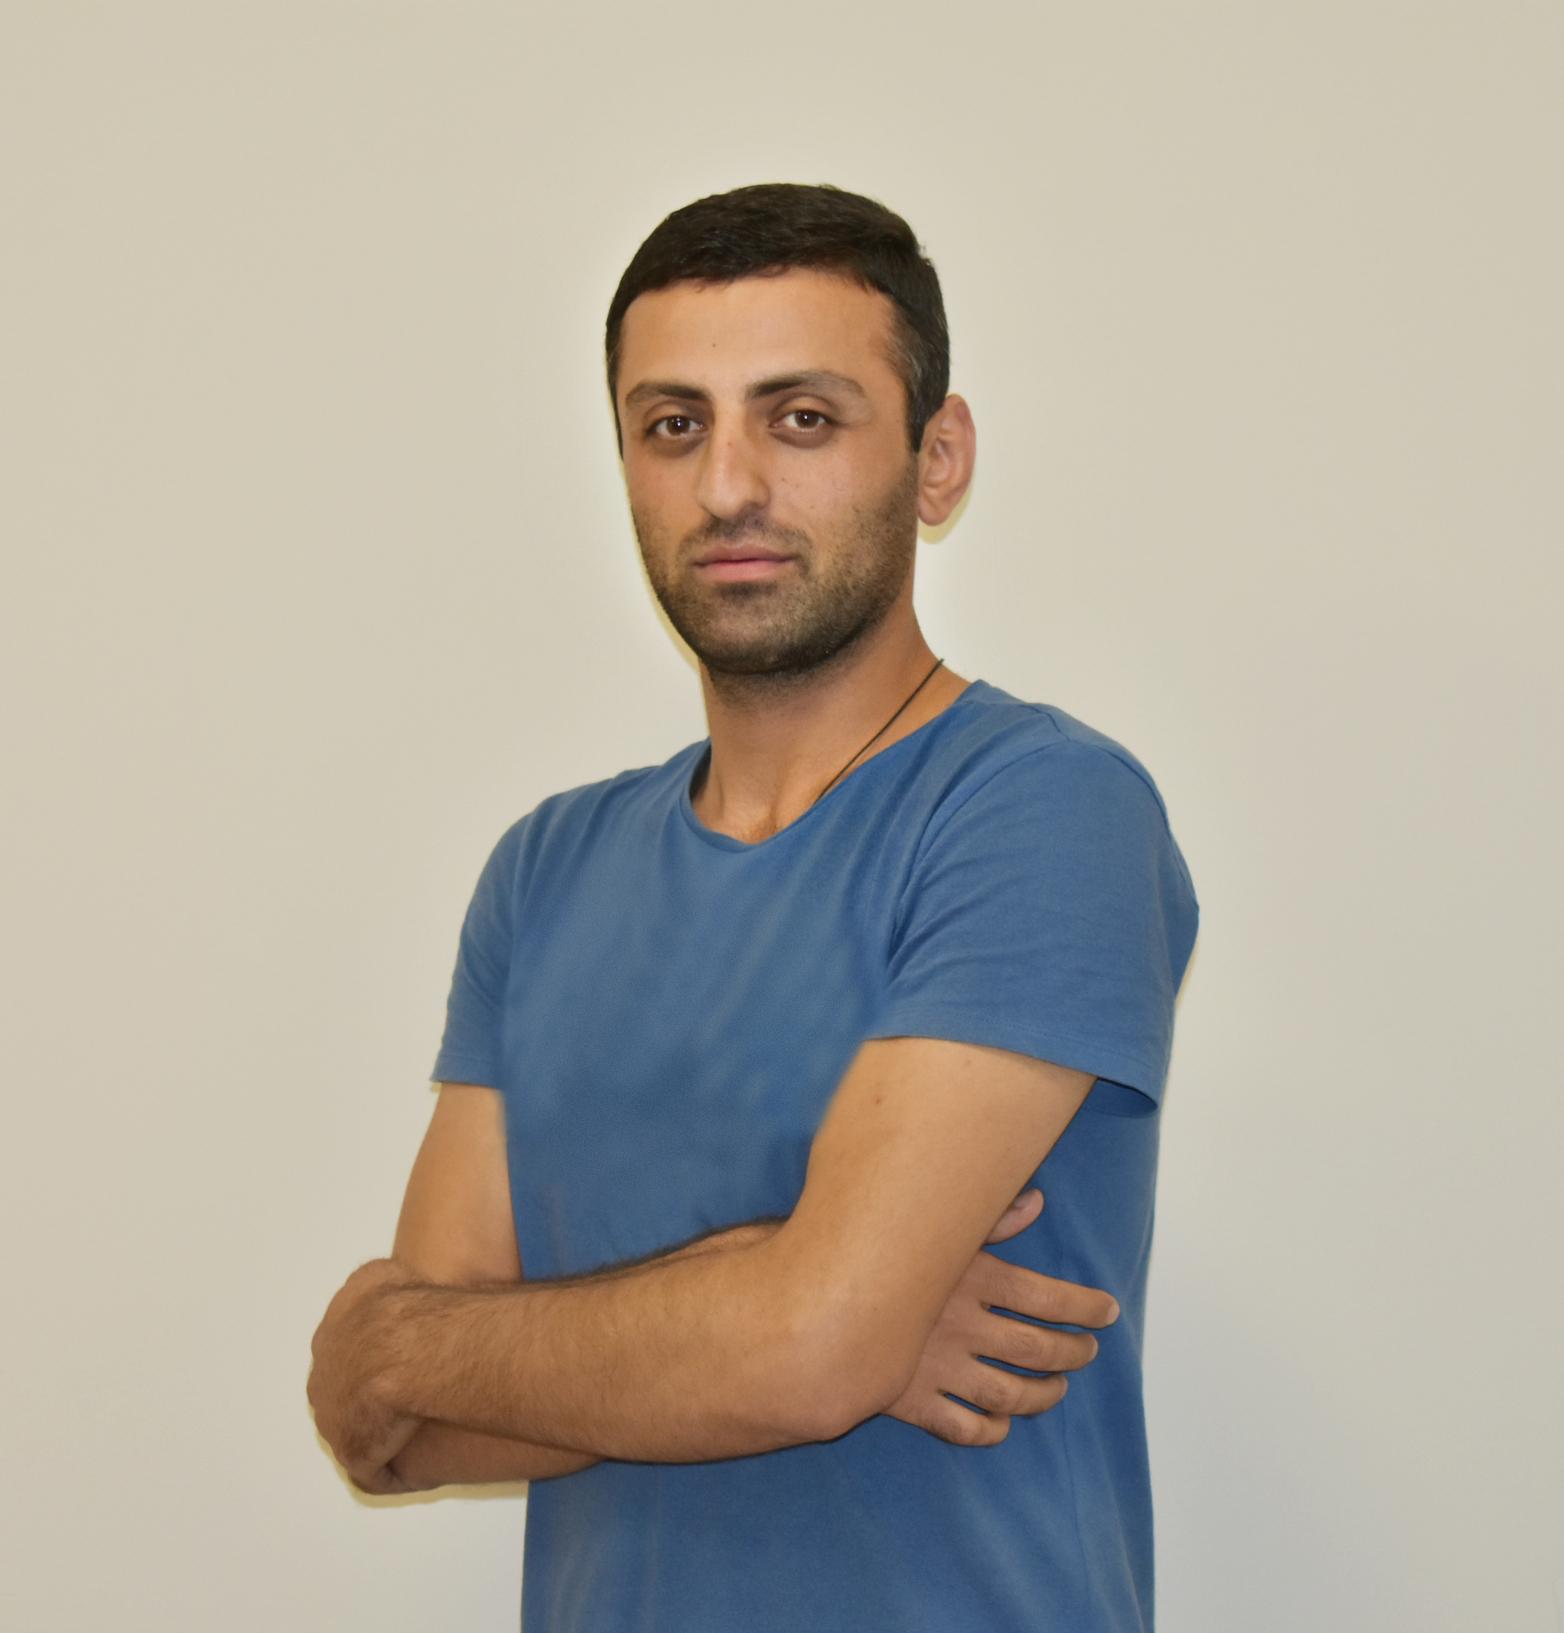 David Maghradze